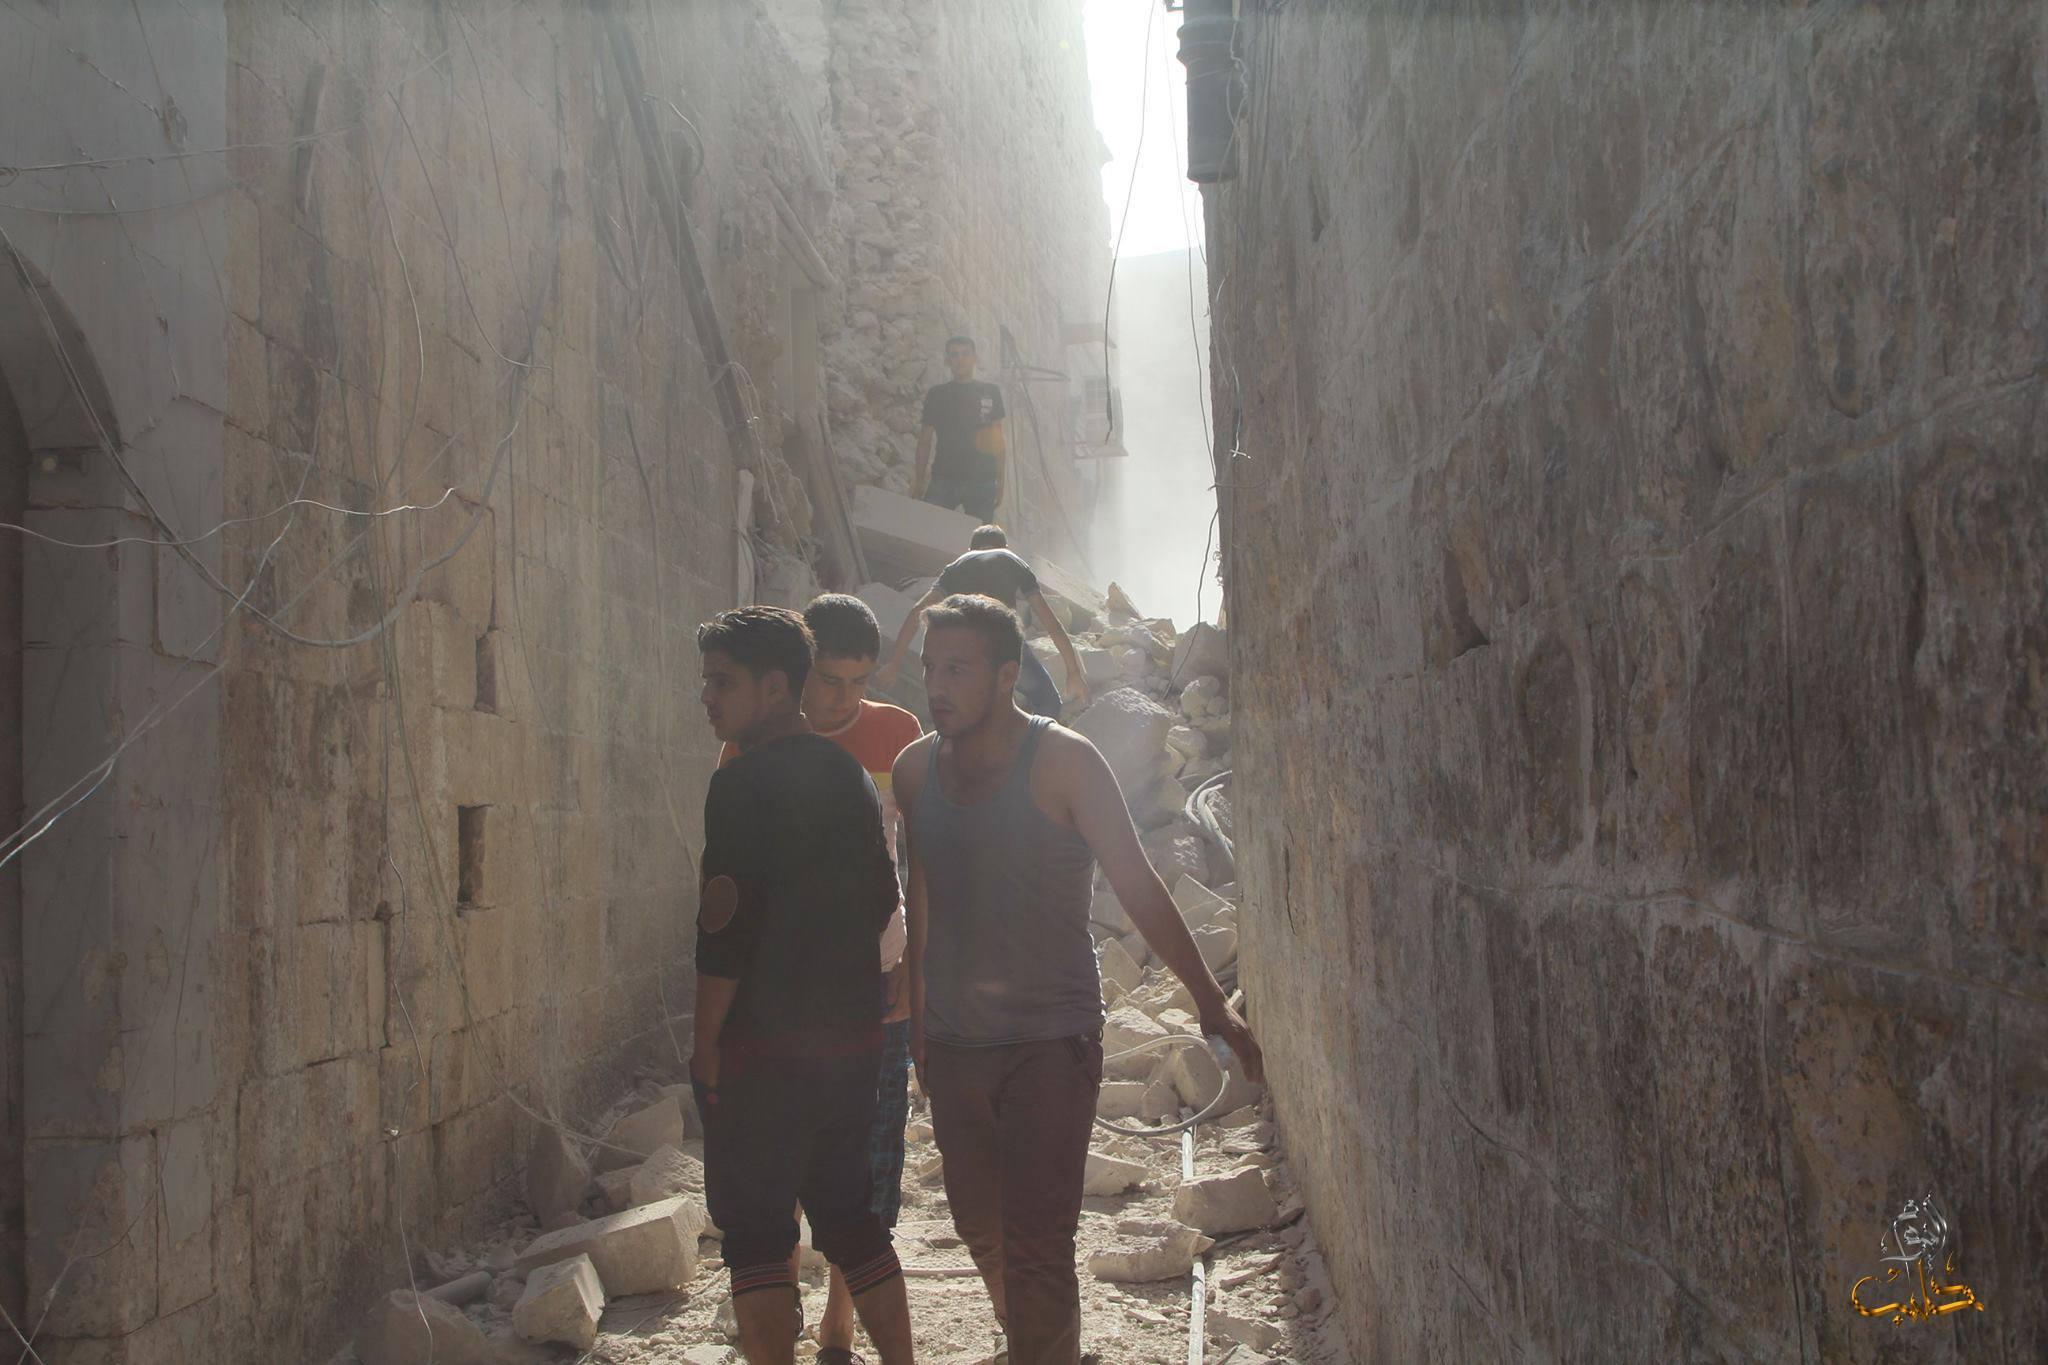 حلب: قصف على المدينة وريفها.. واستمرار الاشتباكات مع داعش